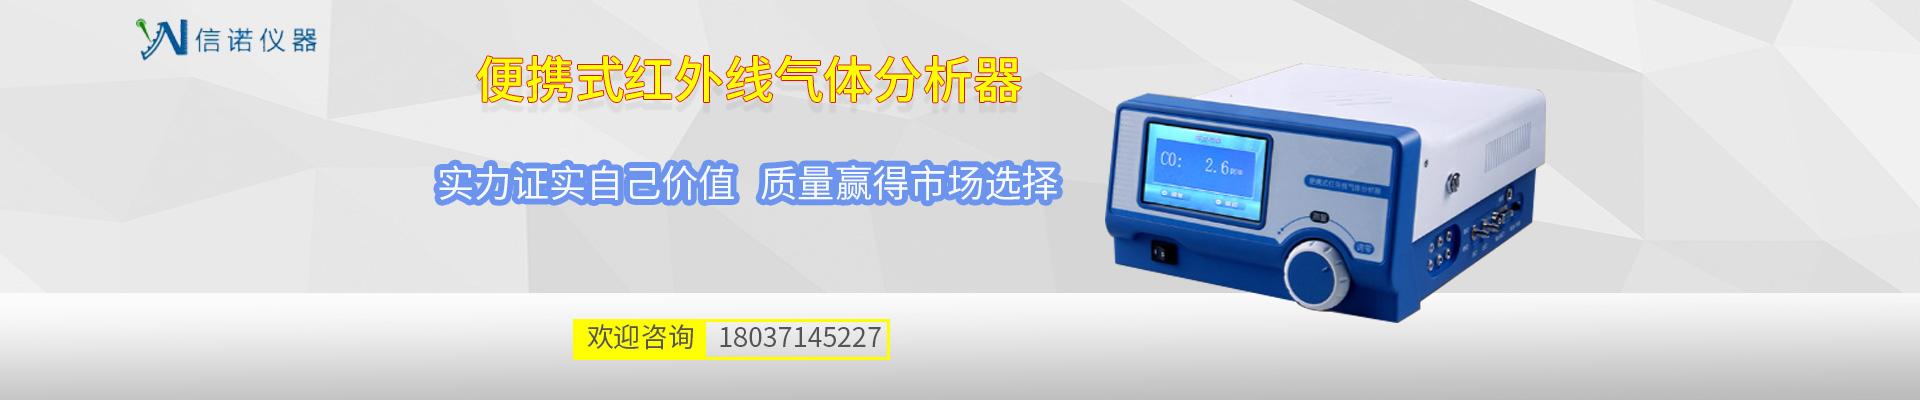 河南信诺仪器设备有限公司